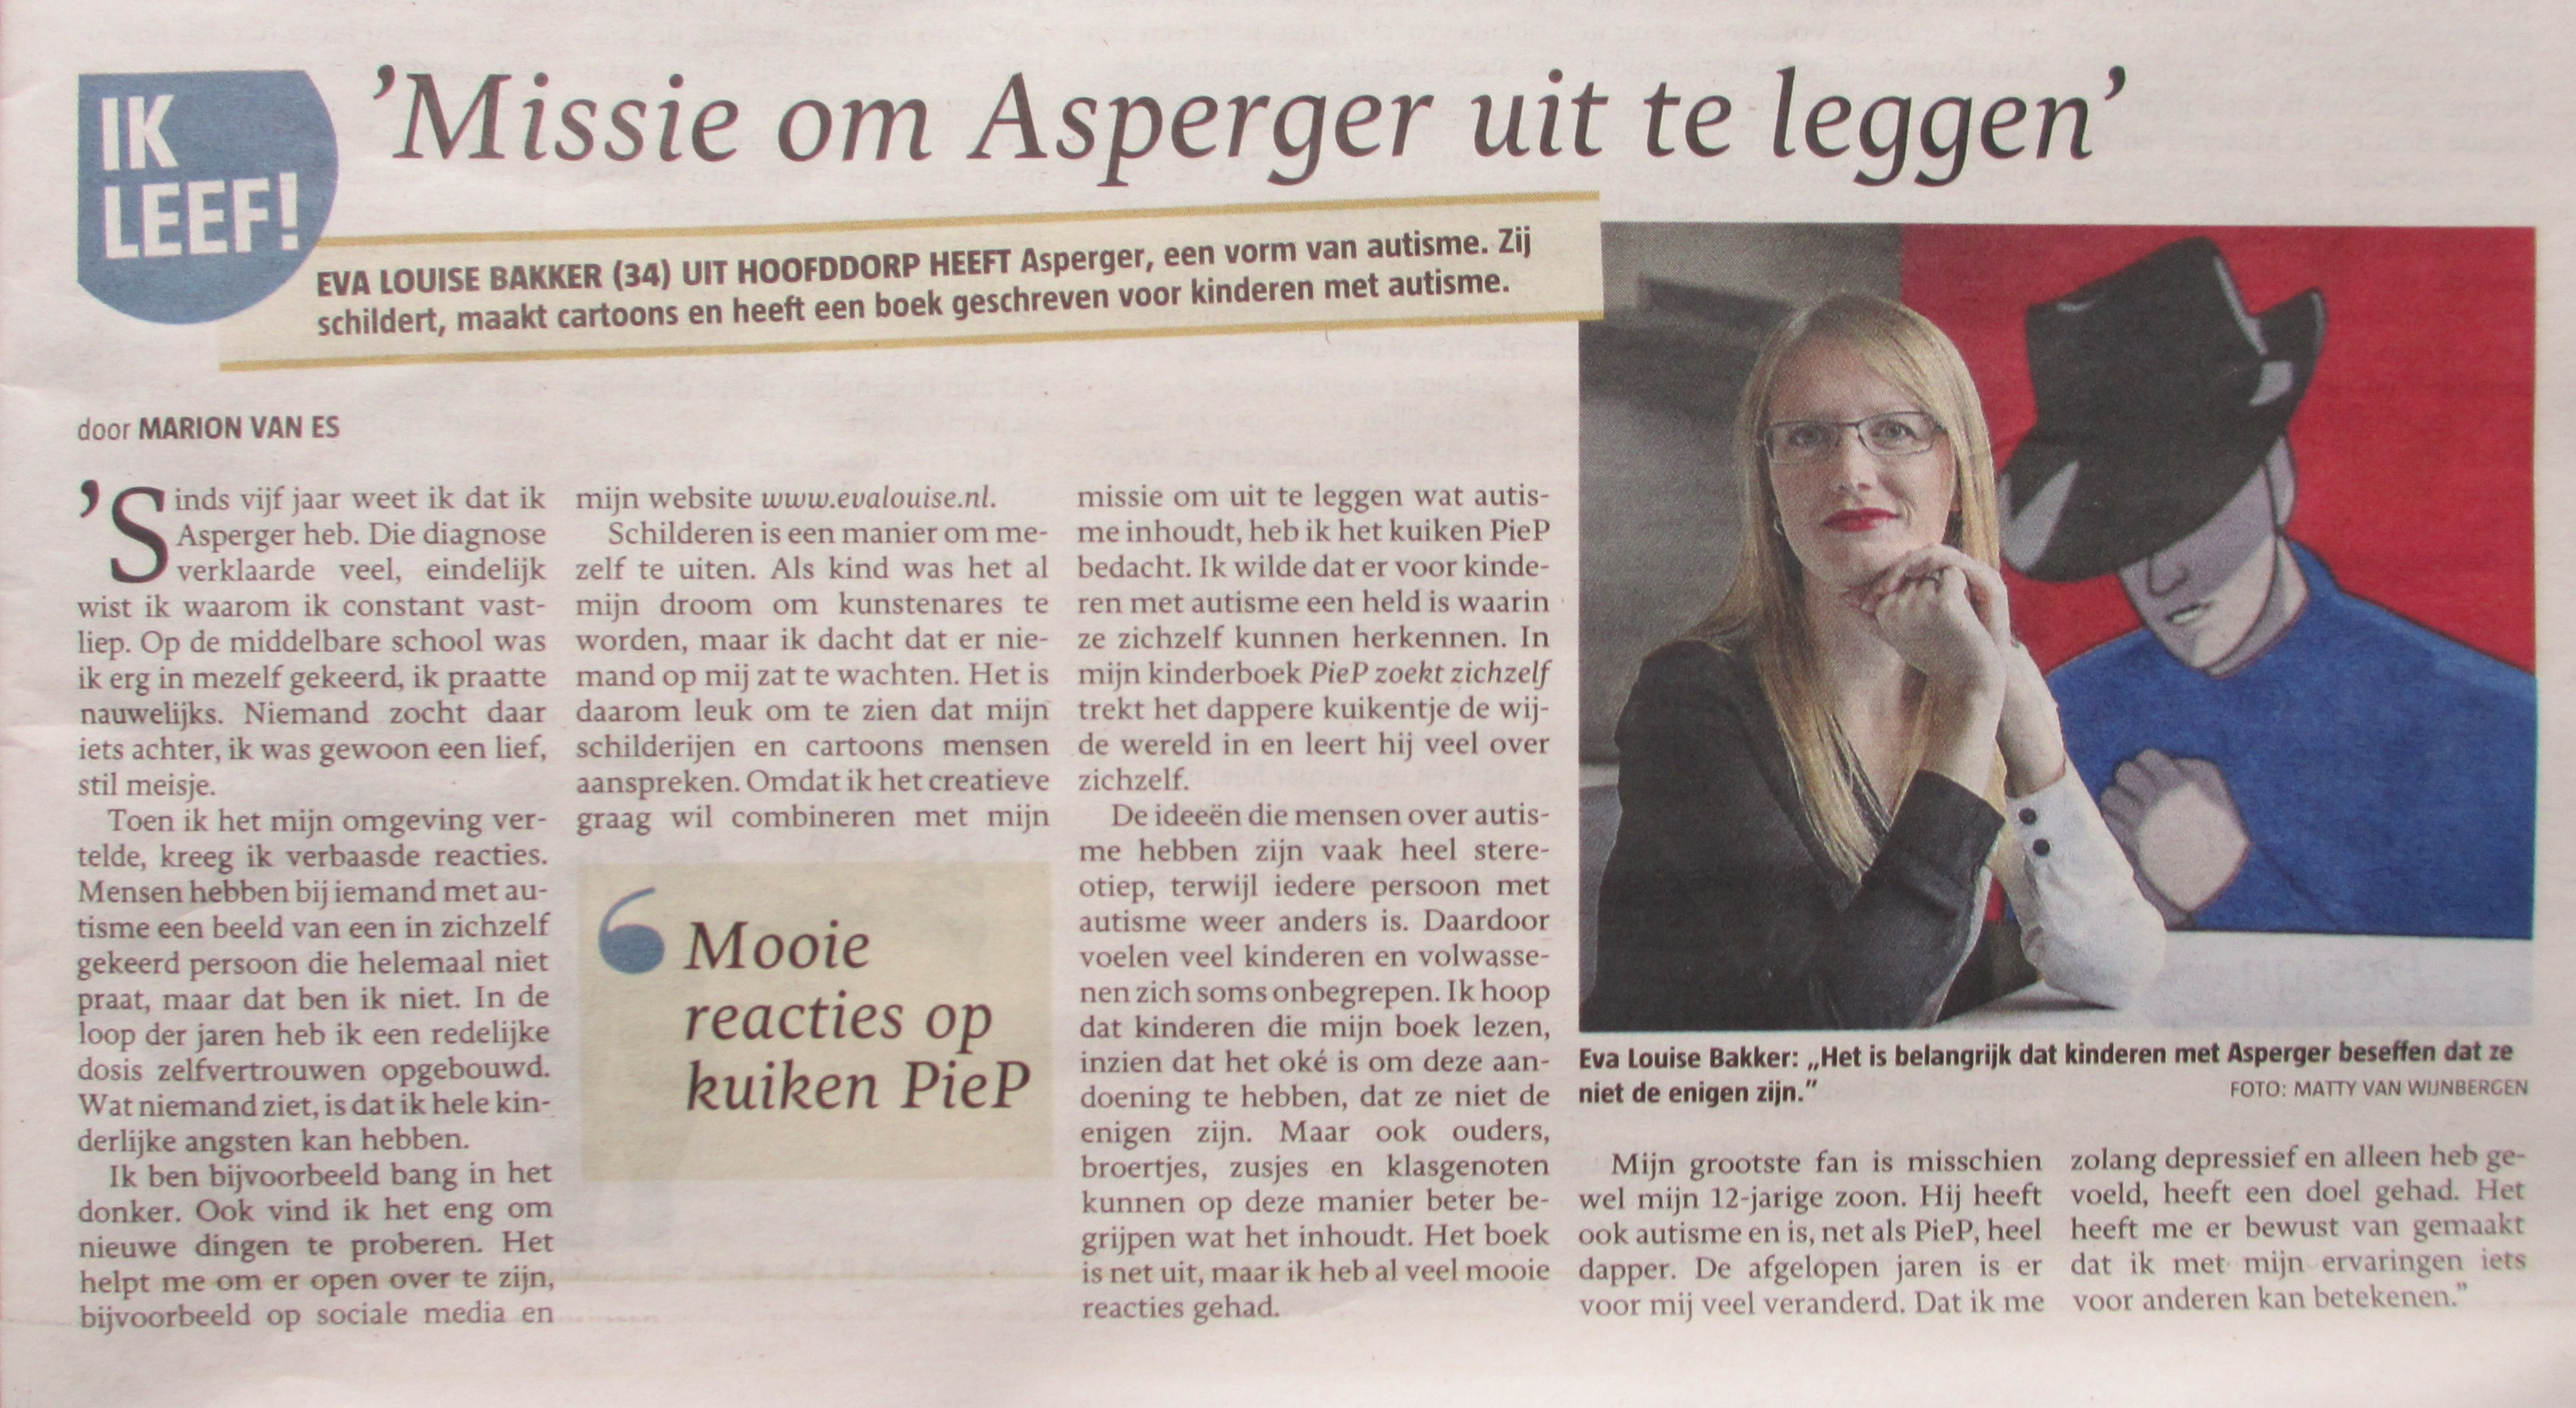 Telegraaf 02-11-13